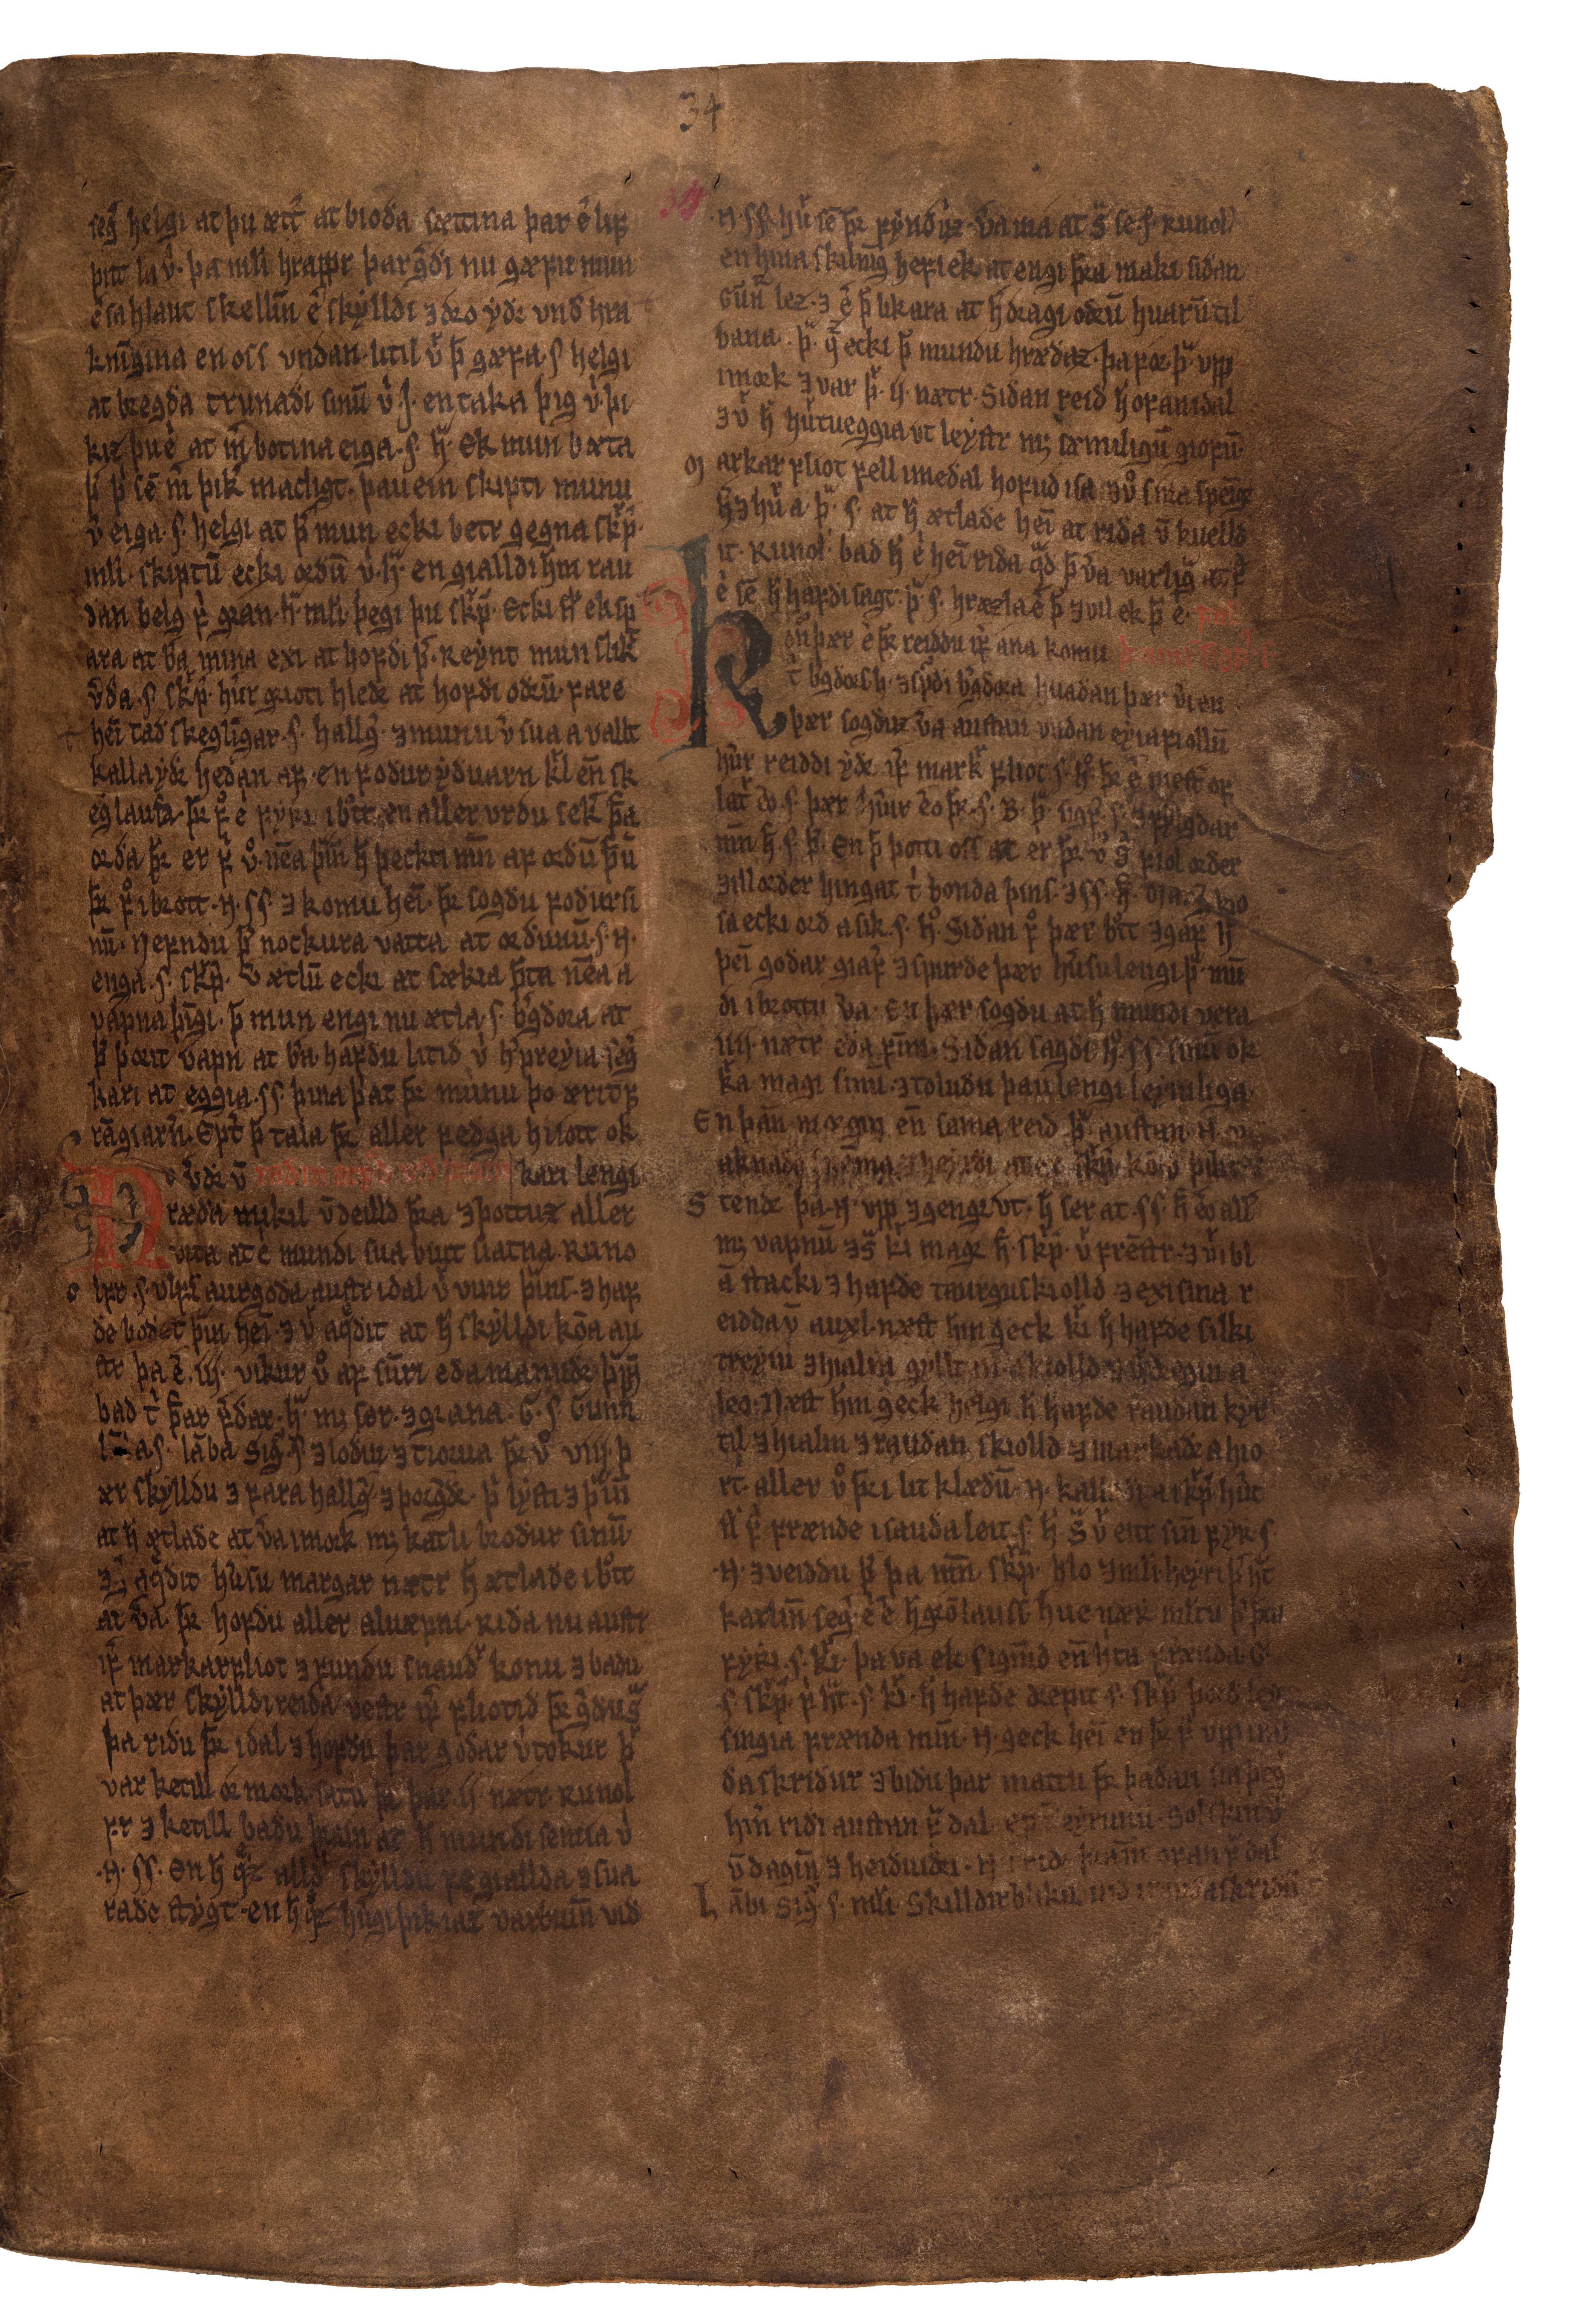 AM 132 fol - 34r